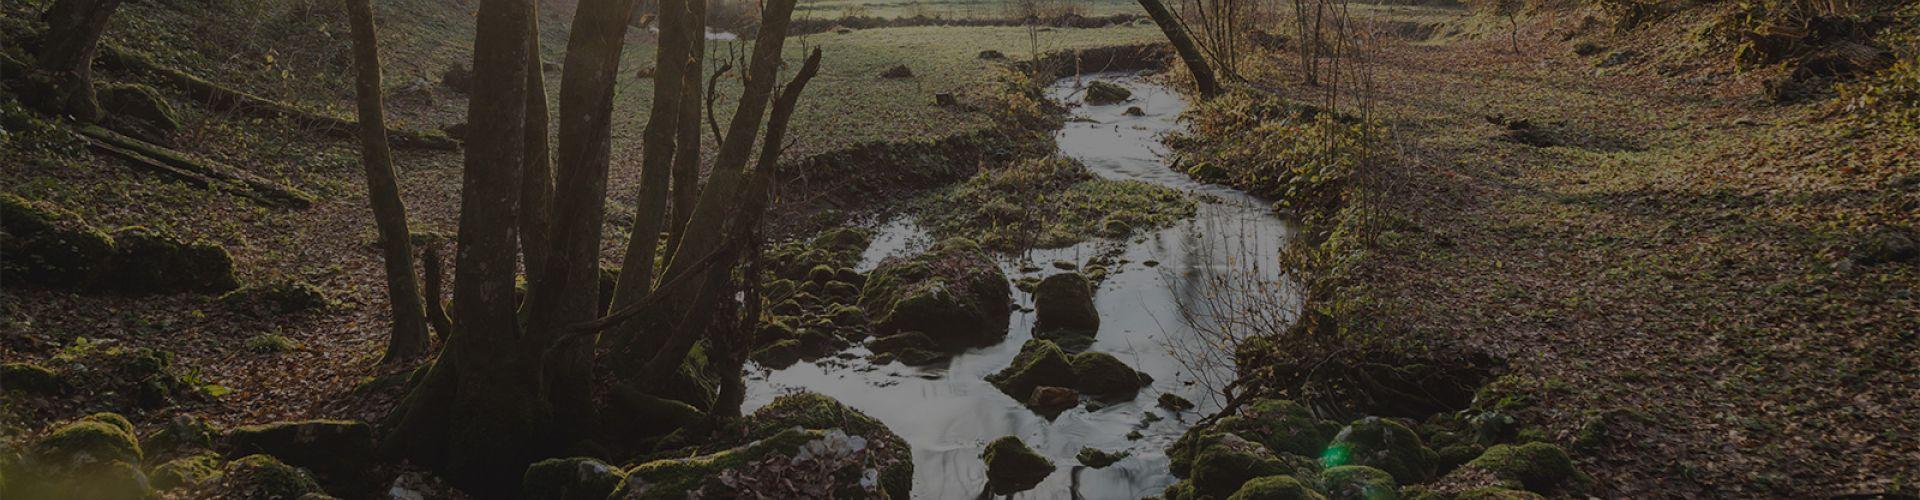 Izvir reke Lahinje